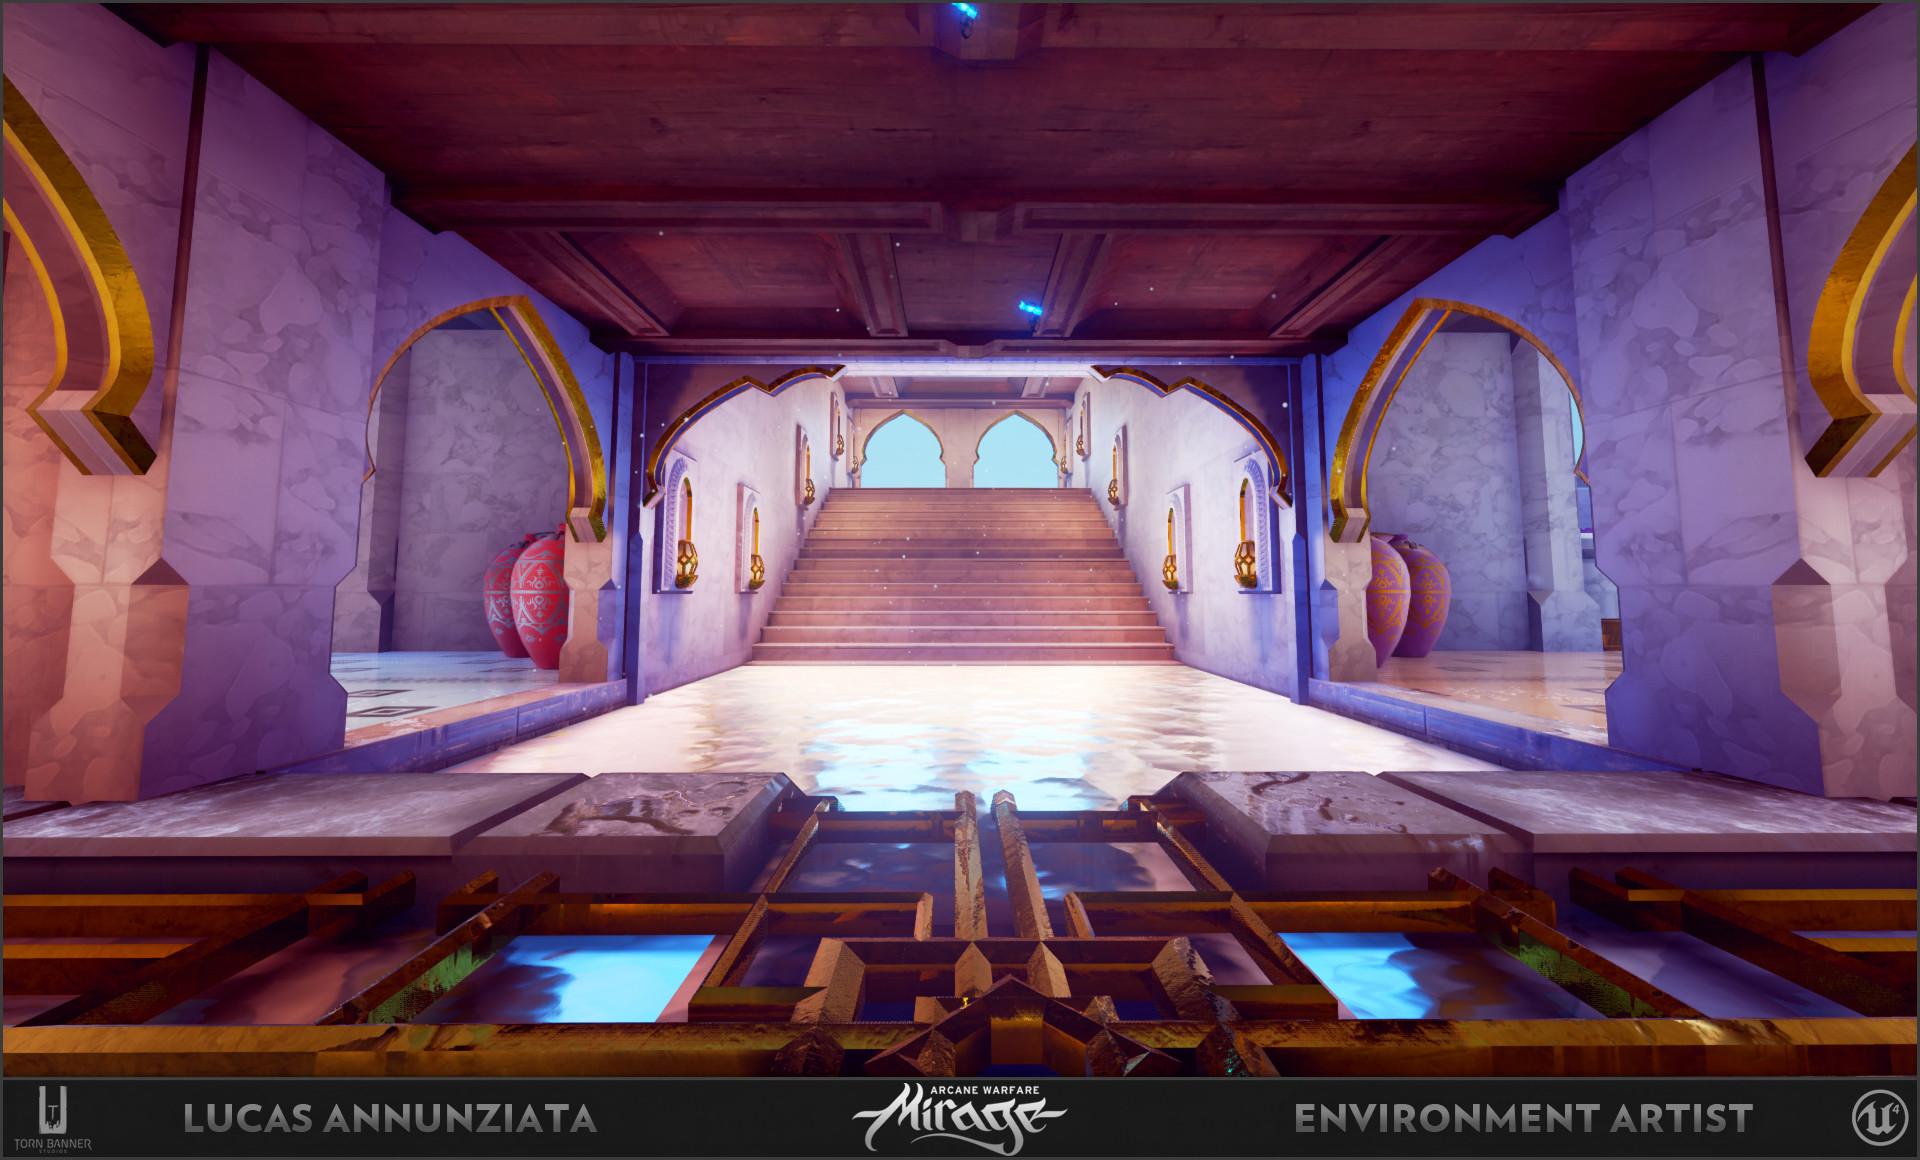 Lucas annunziata courtyard 2